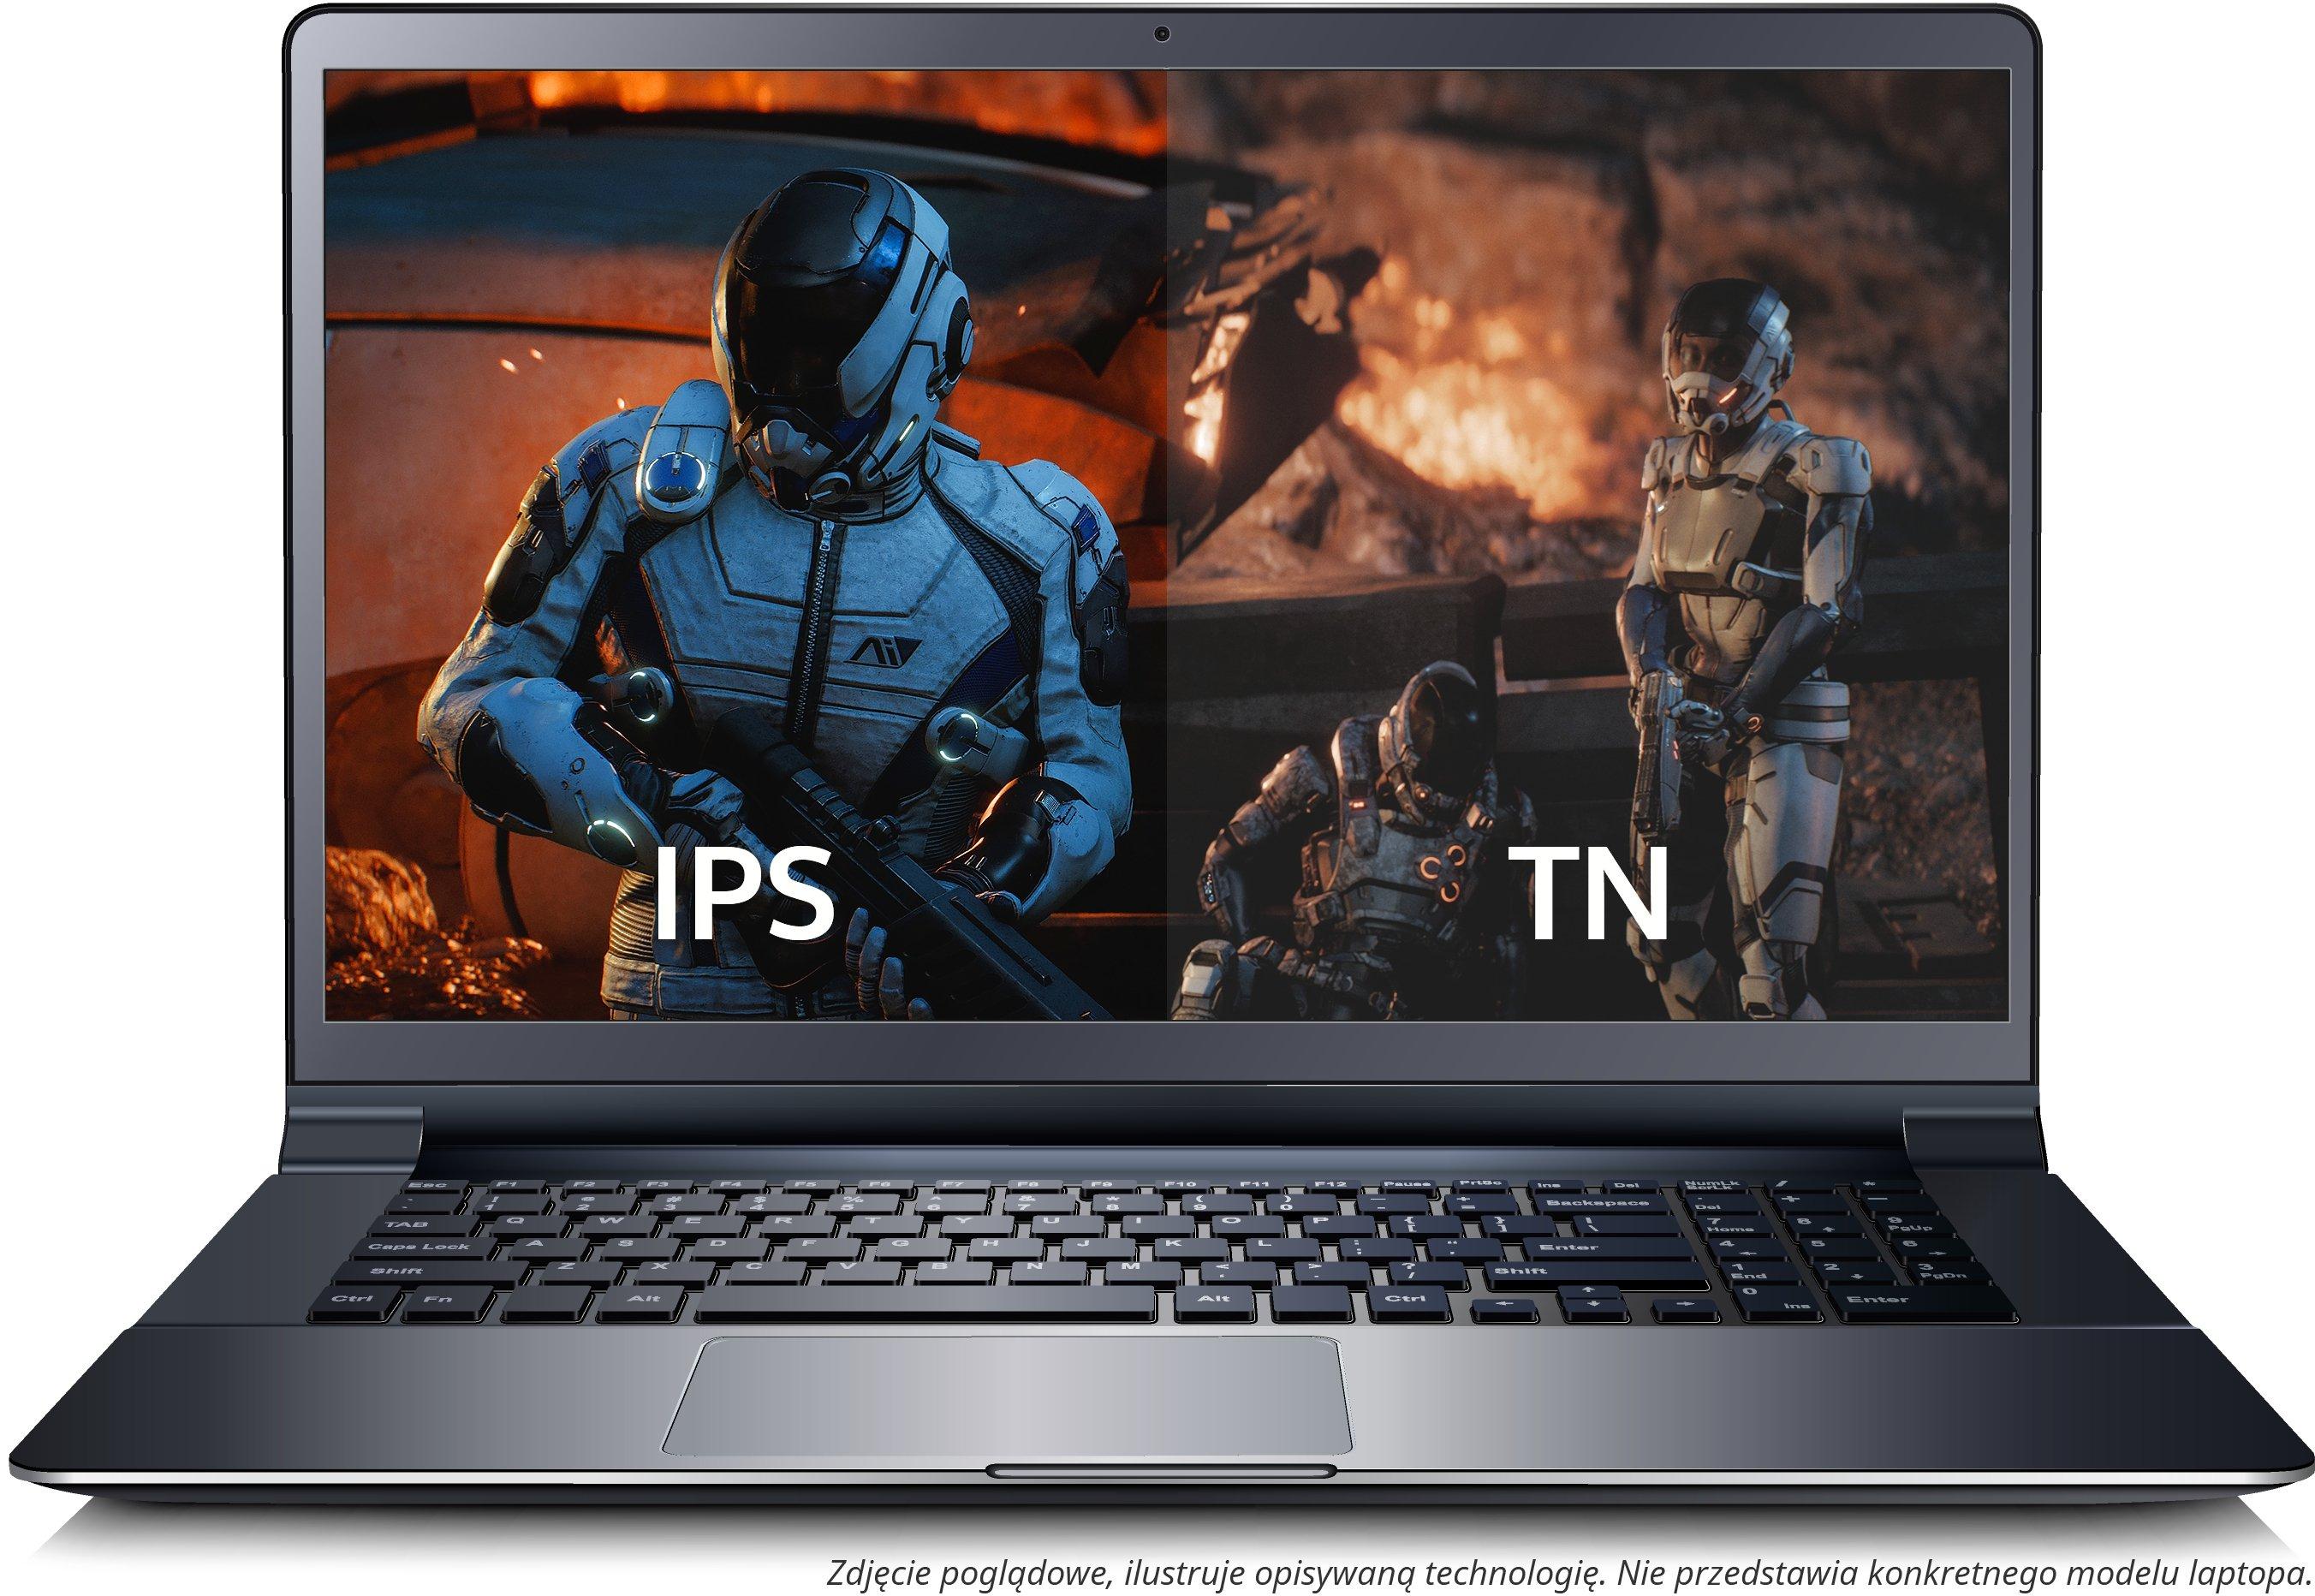 Gamingowy LAPTOP HP z GTX 1060 6GB